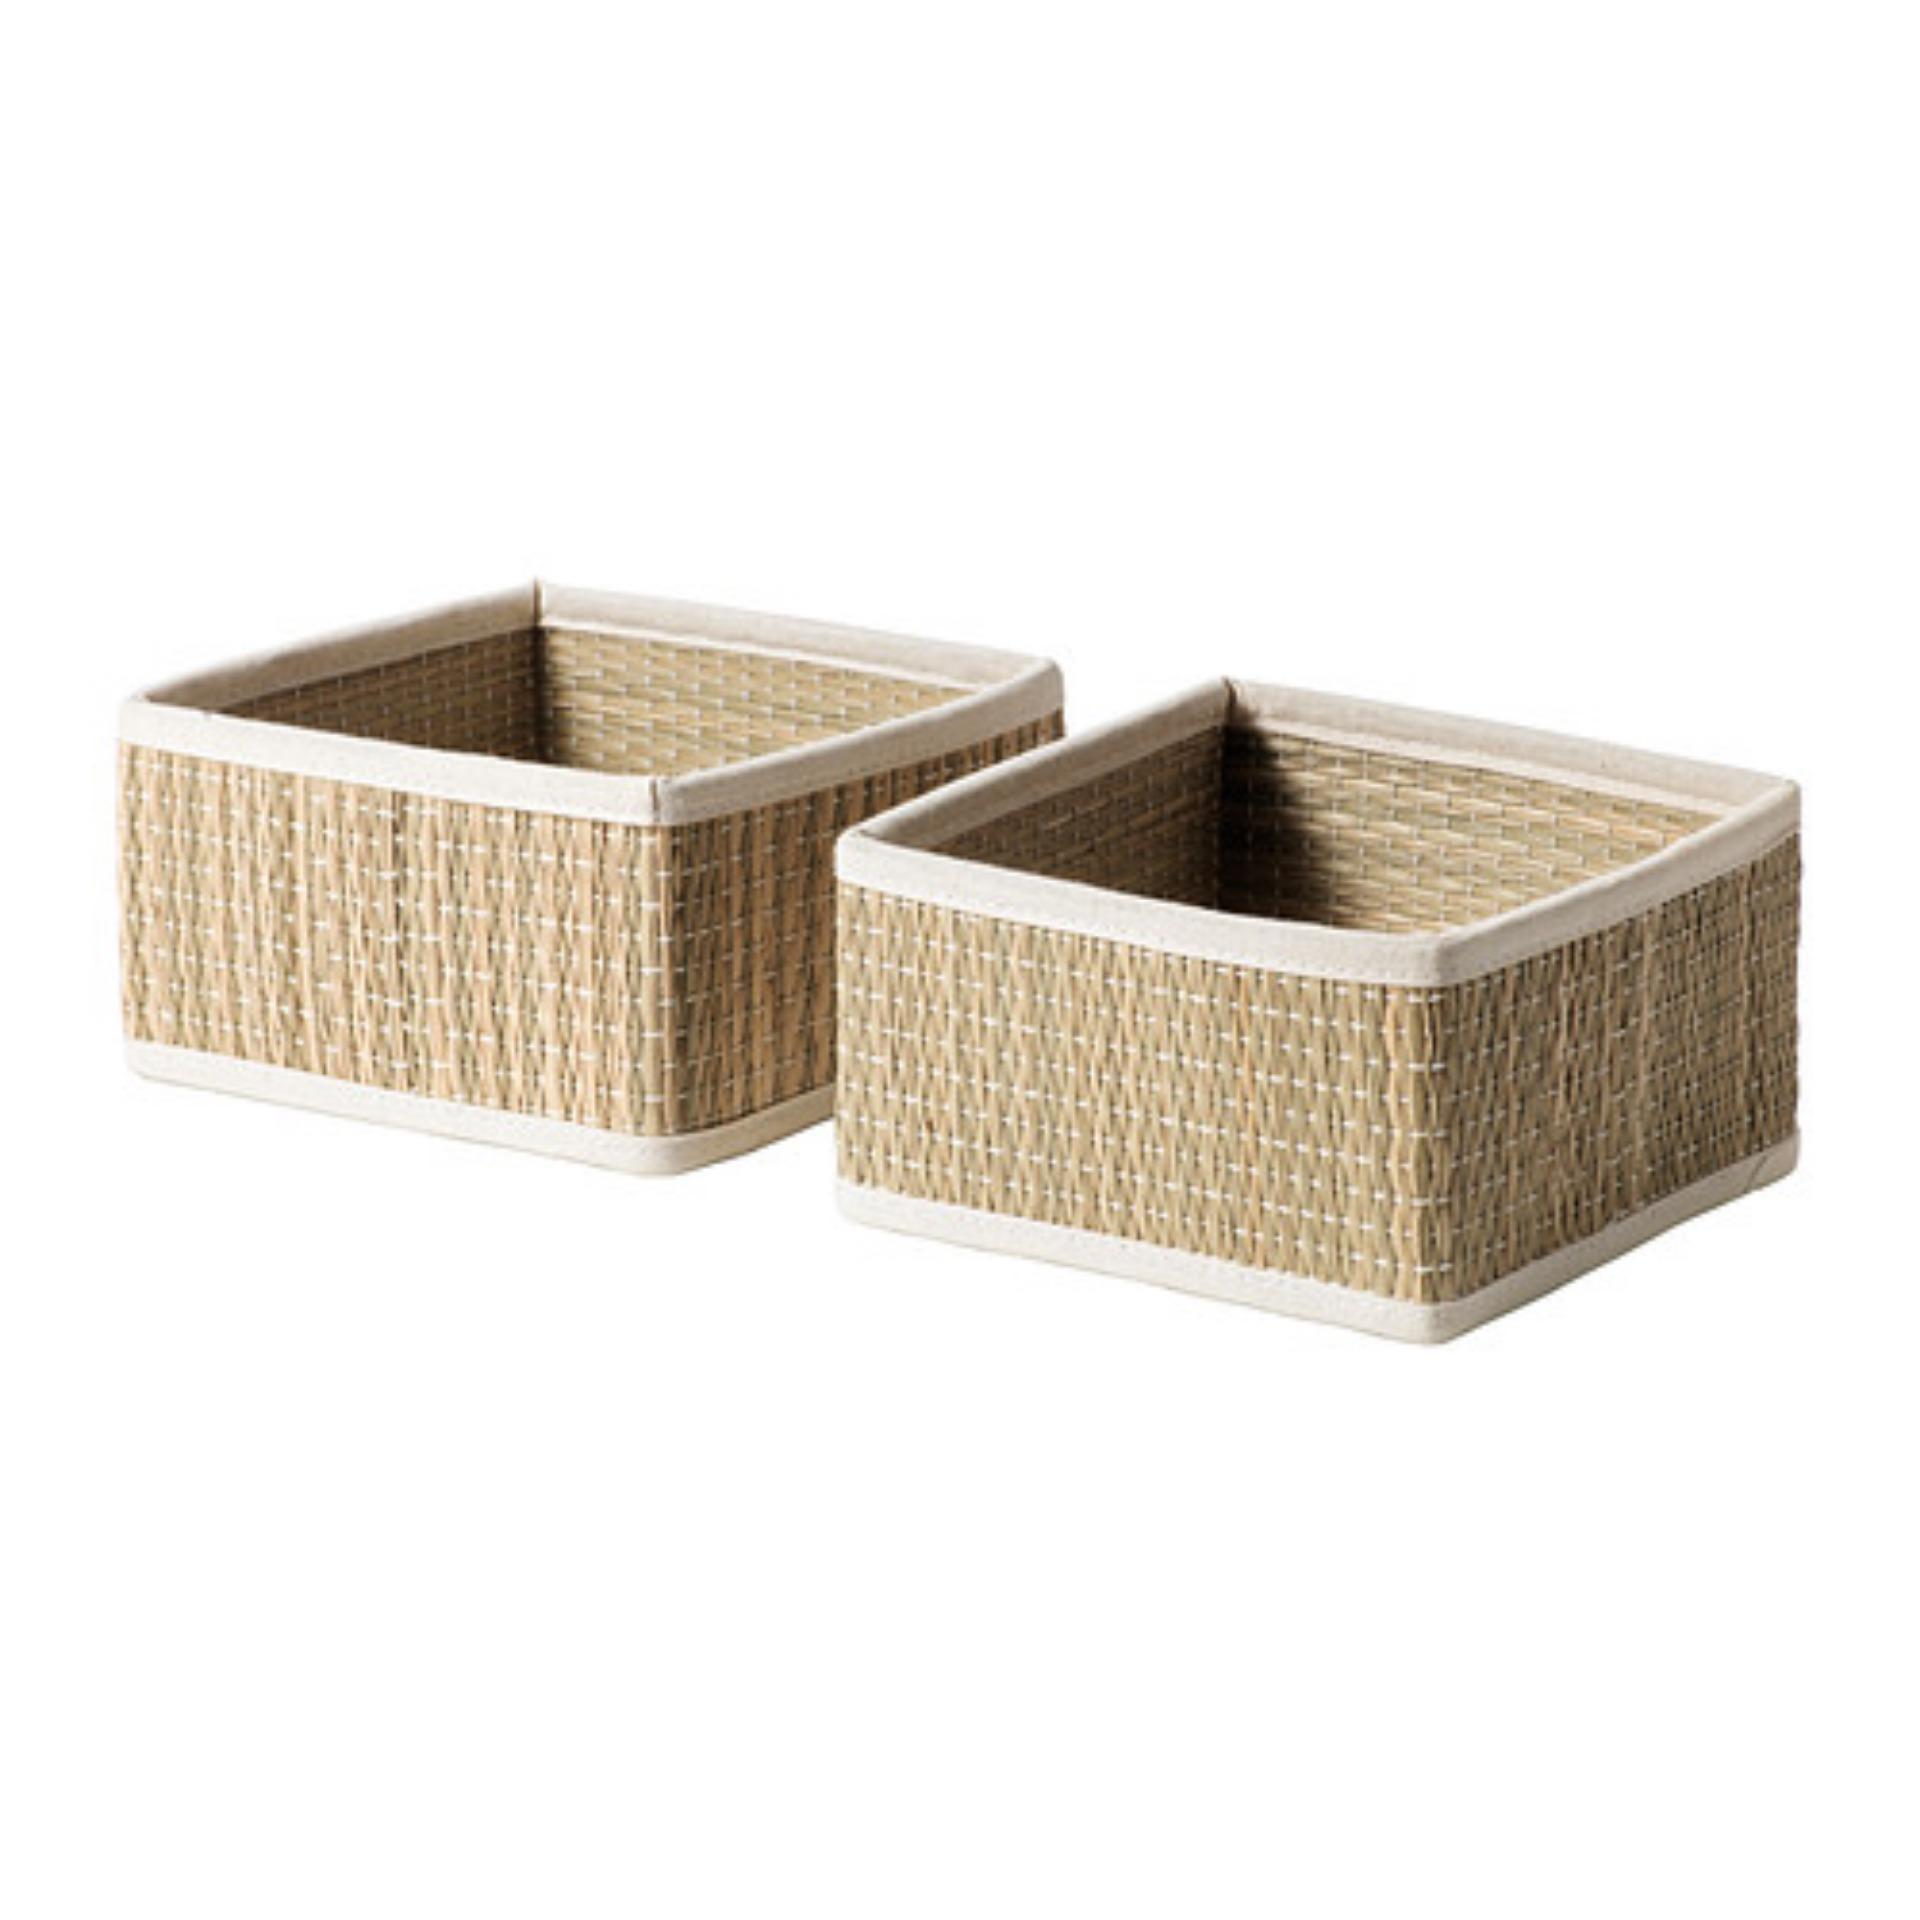 Ikea Salnan Keranjang Mendong 2Pcs - Cokelat